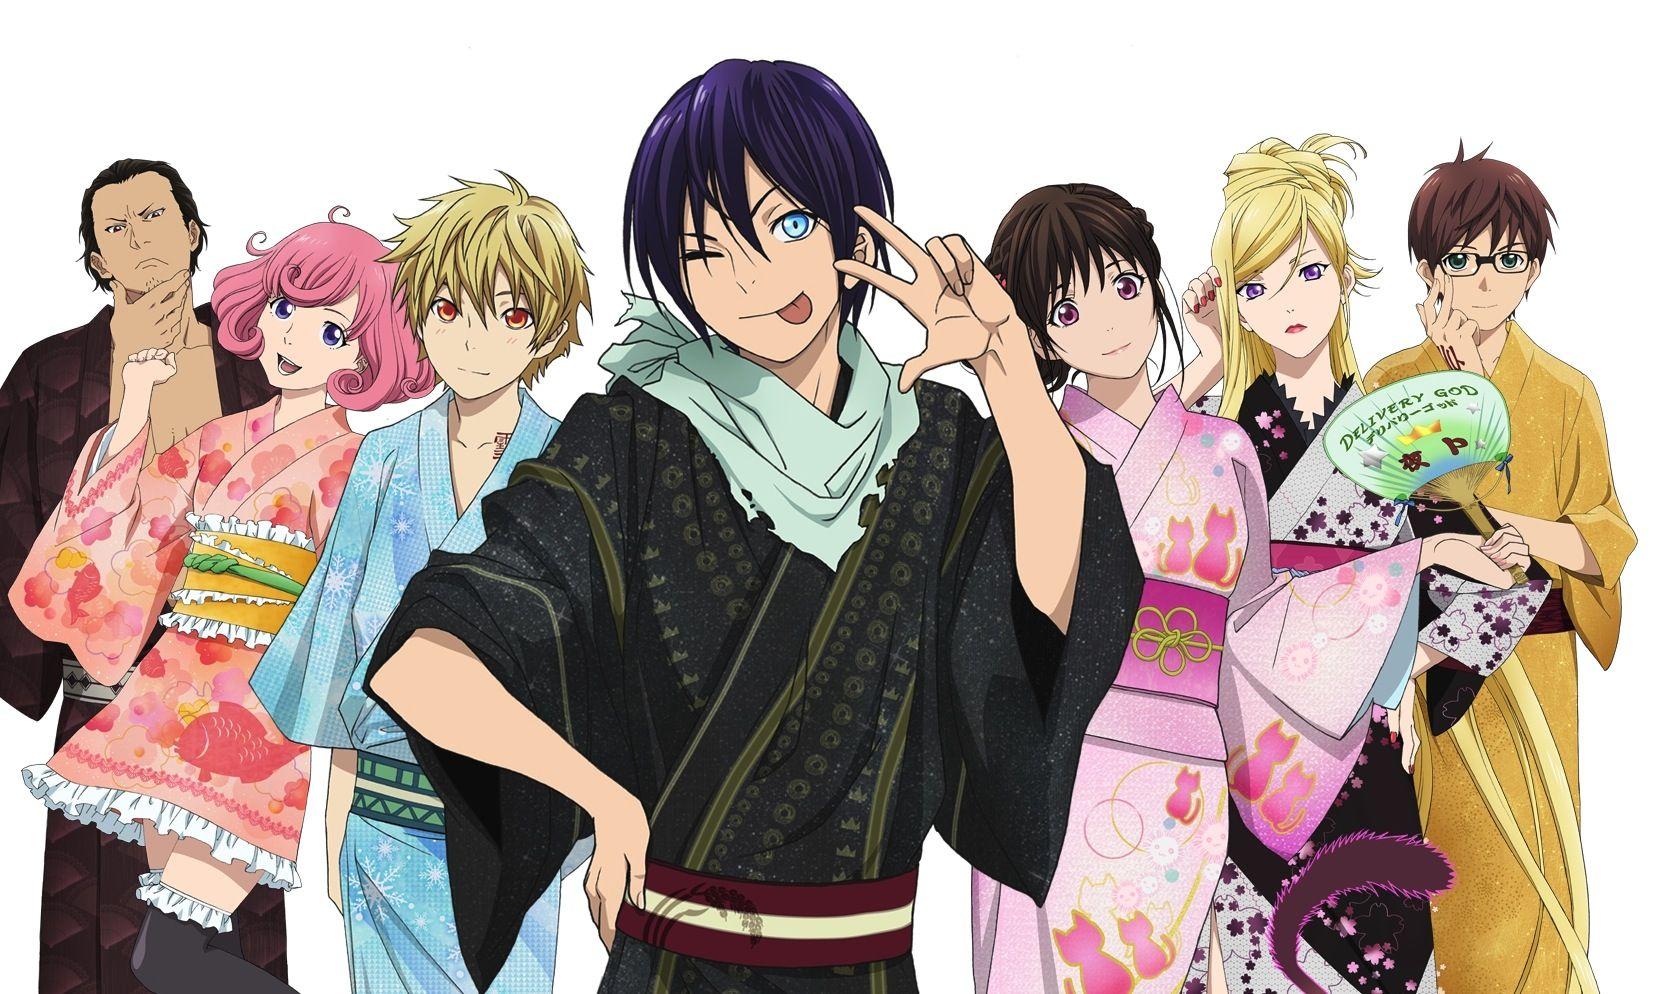 Daikoku, Kofuku, Yukine, Yato, Hiyori, Bishamon and Kazuma